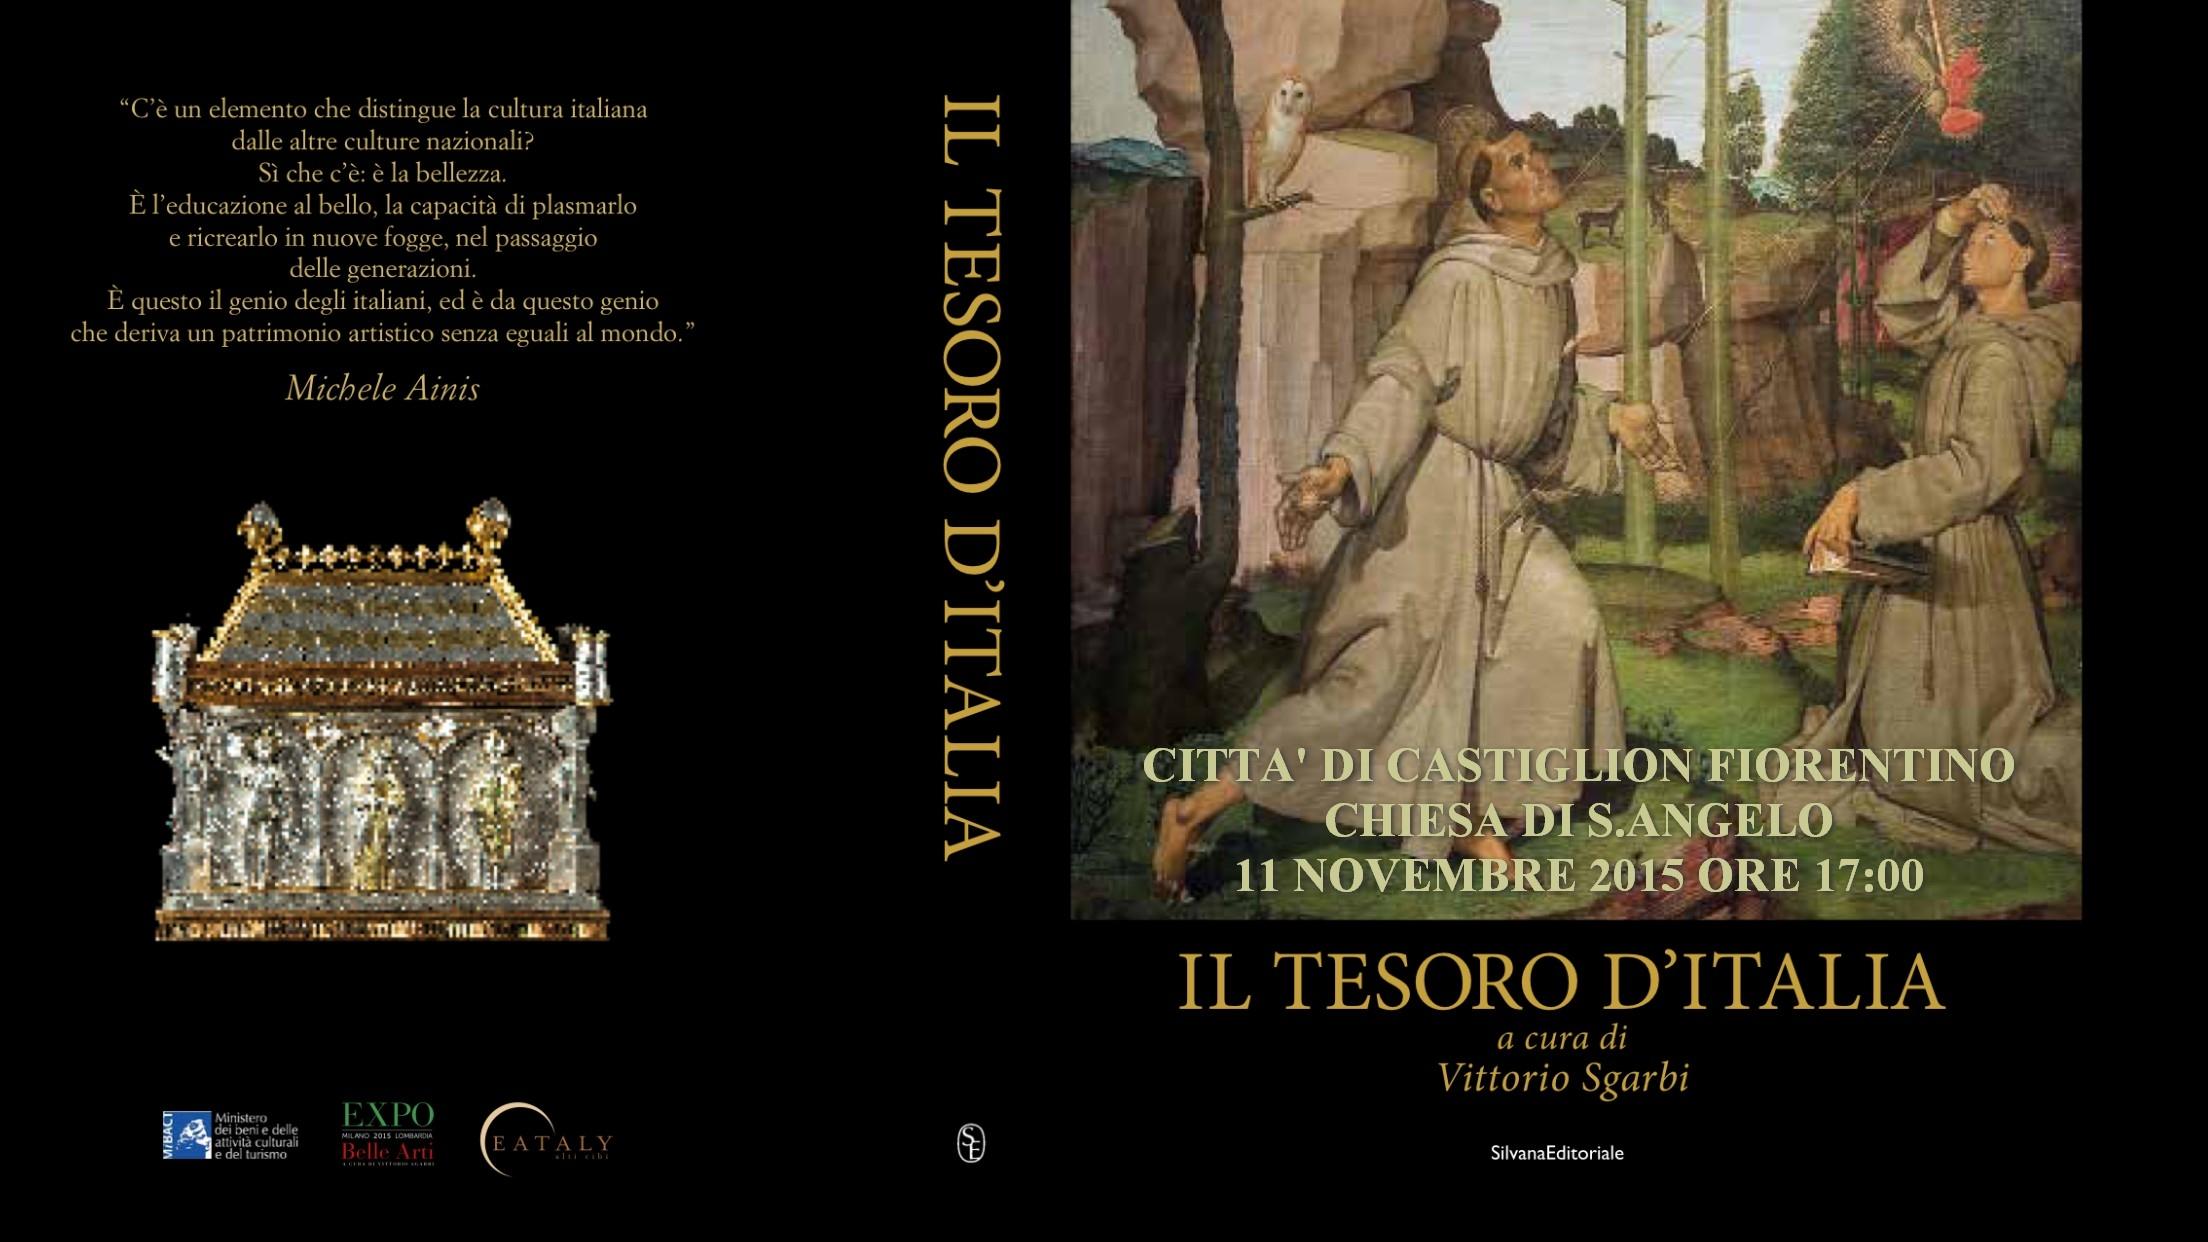 'Il tesoro d'Italia': presentazione del catalogo a cura di Vittorio Sgarbi a Castiglion Fiorentino